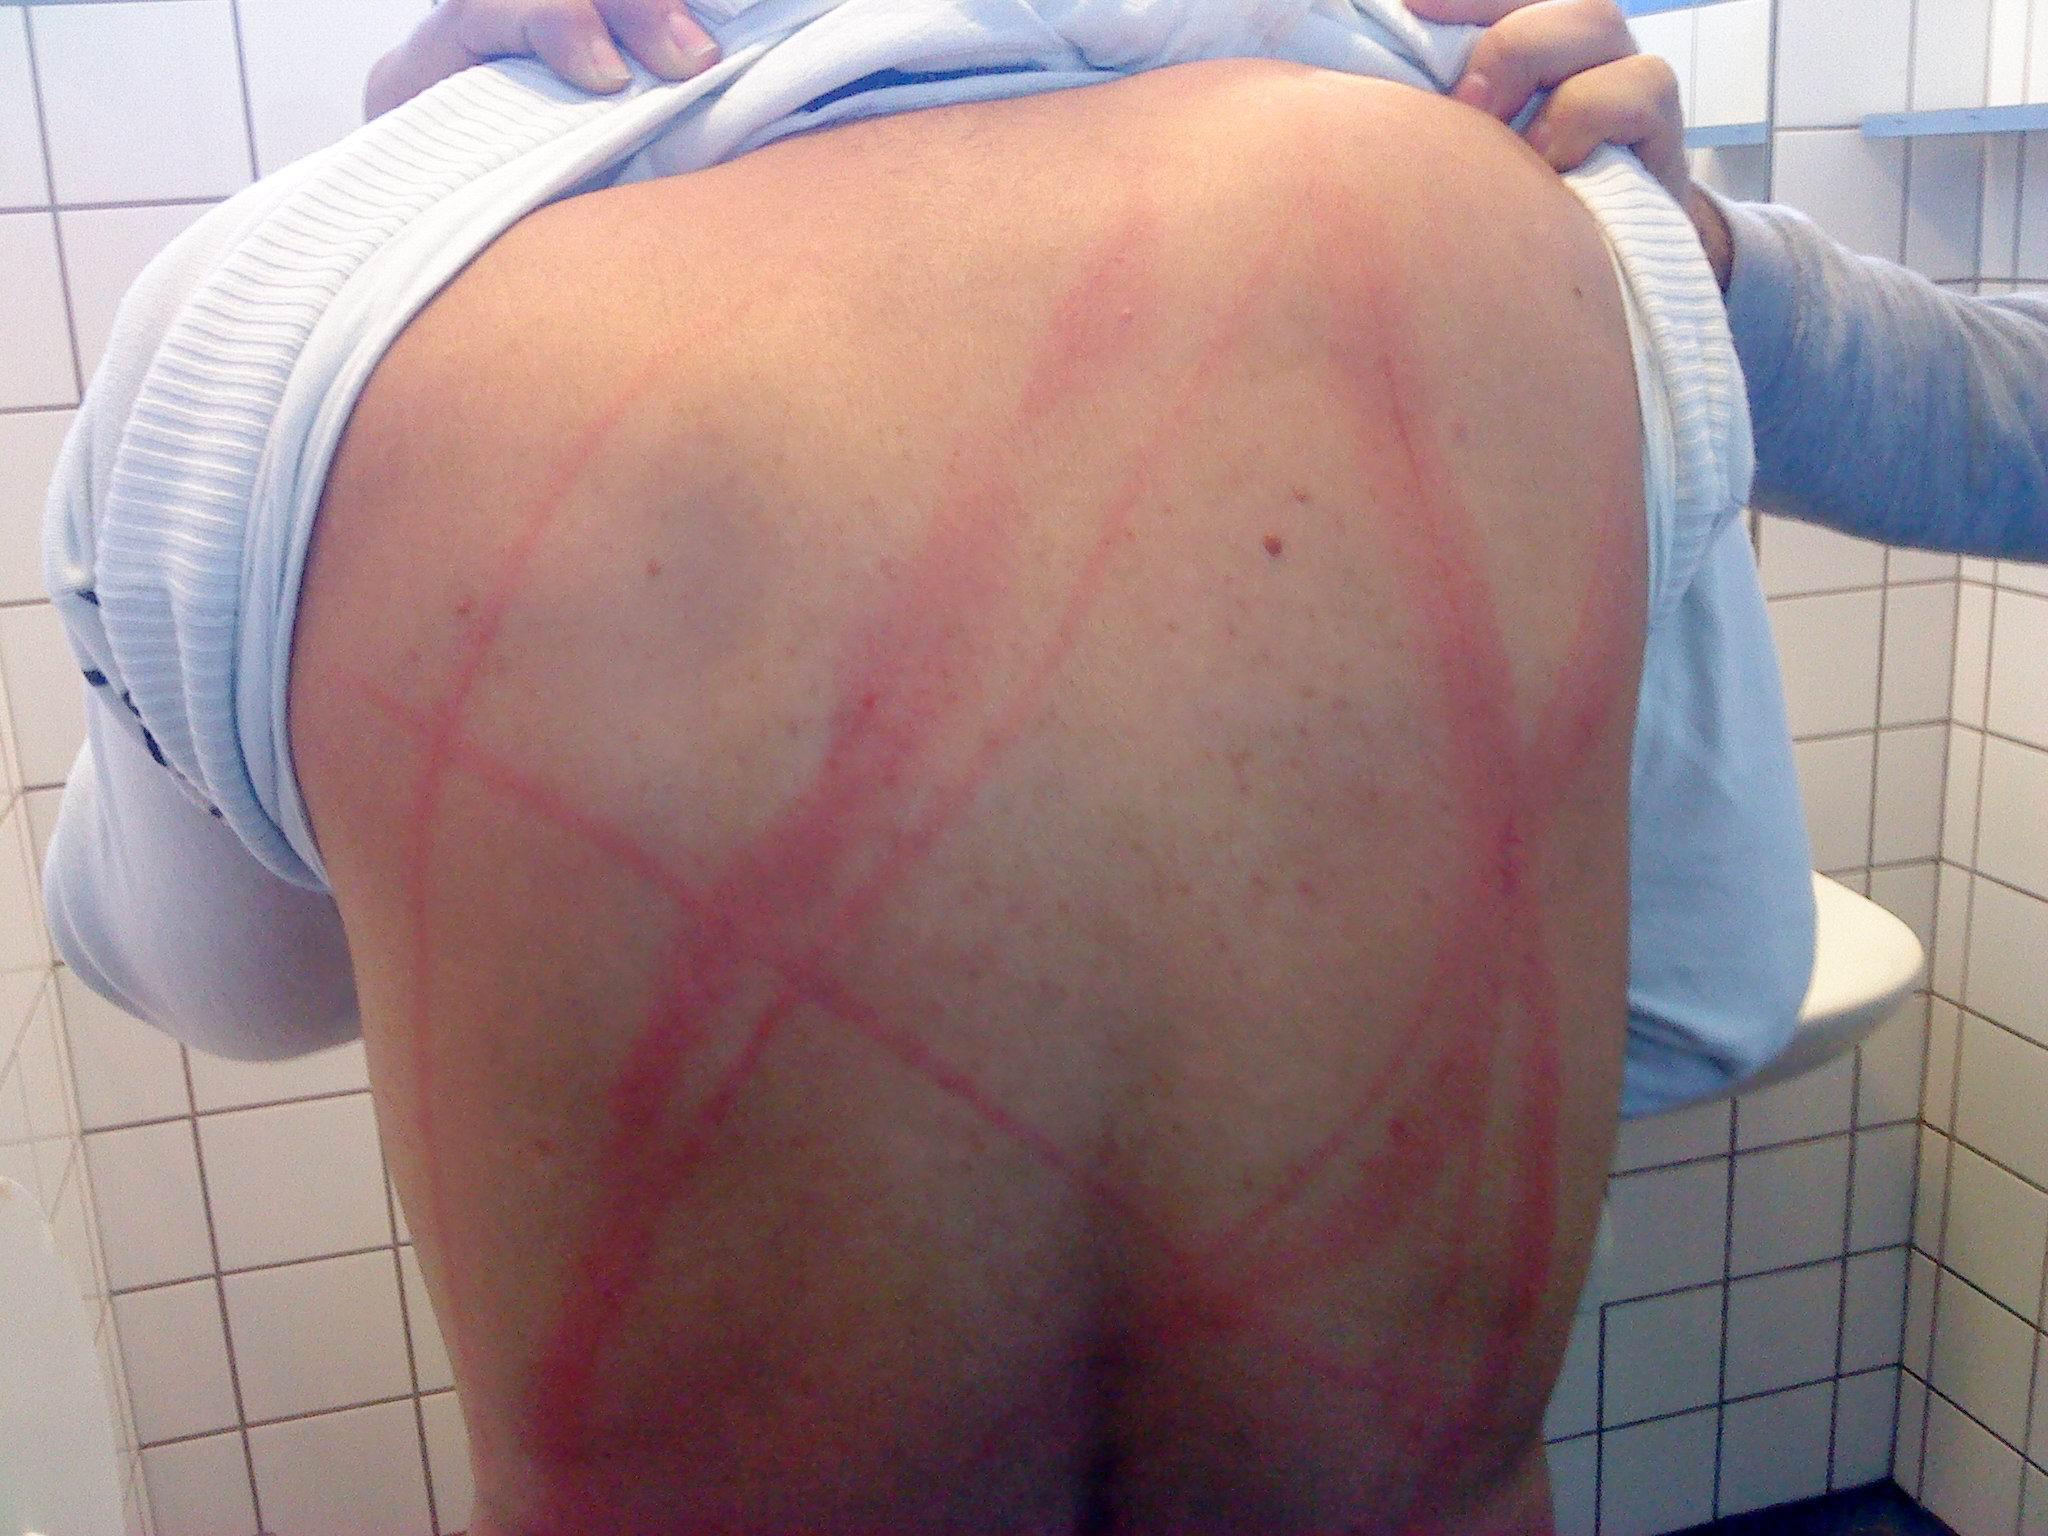 røde mærker på ryggen